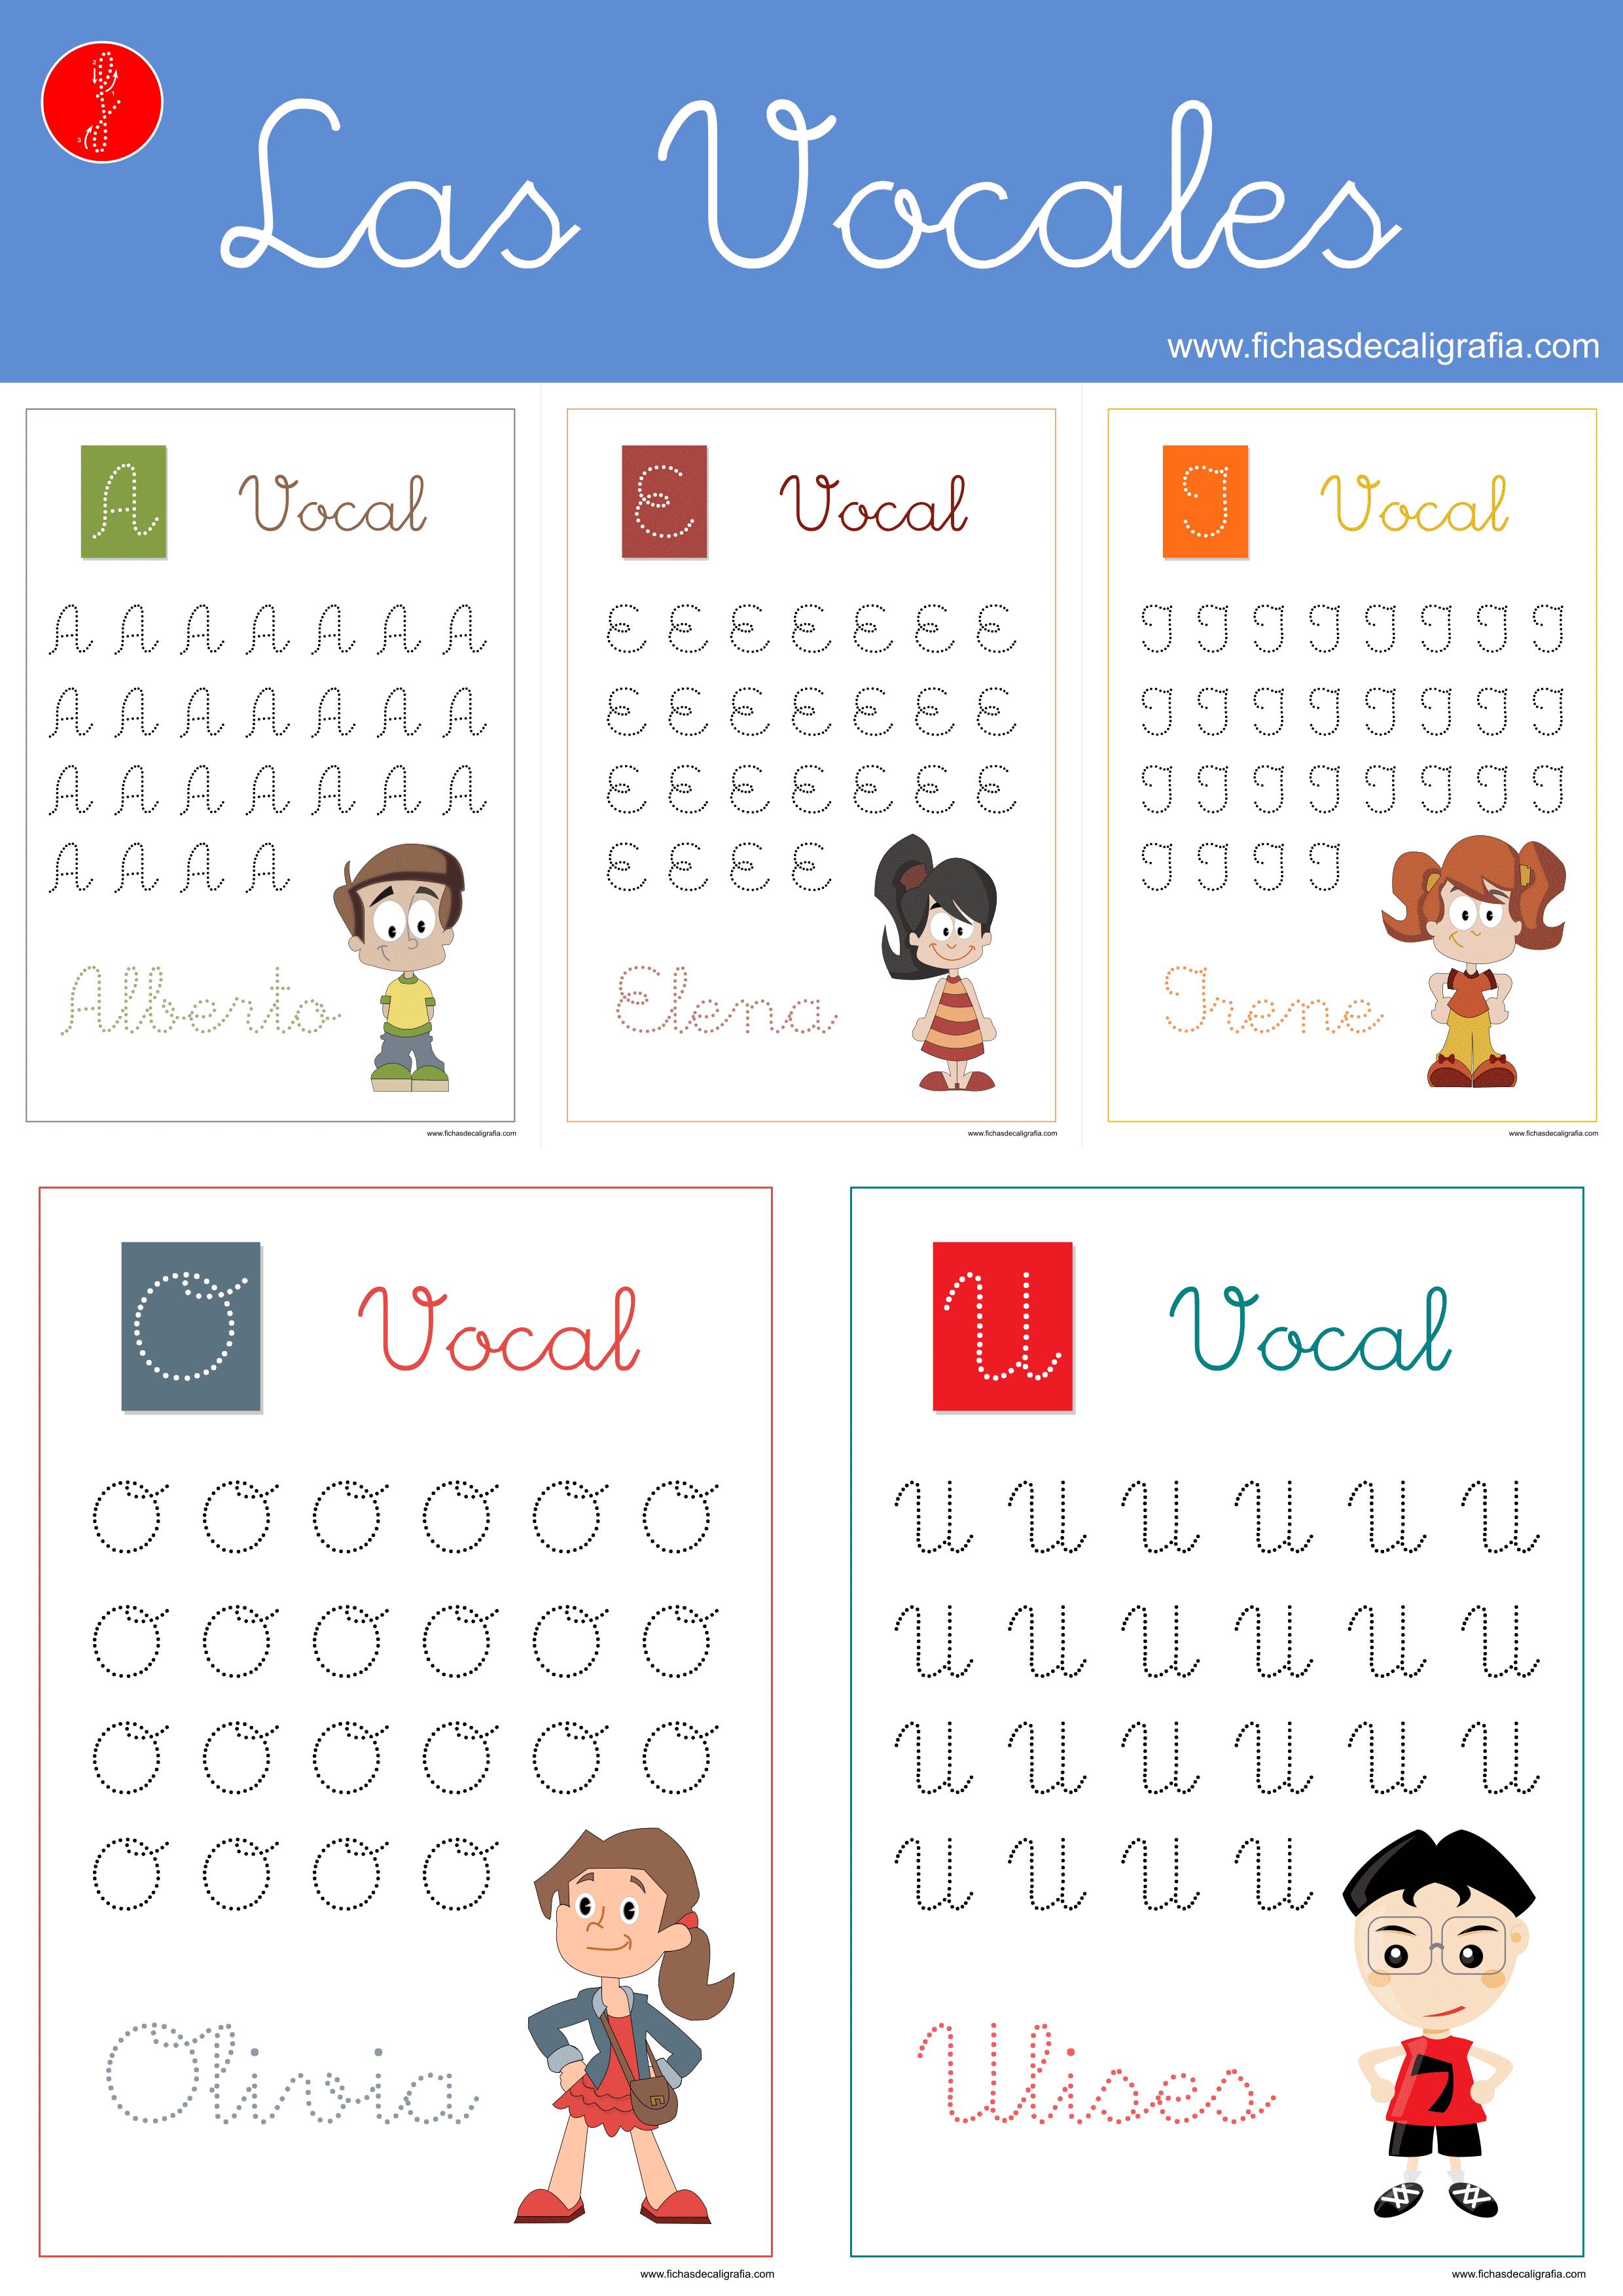 Fichas de caligrafía y lectoescritura con vocales en mayúsculas adornadas para preescolar e infantil